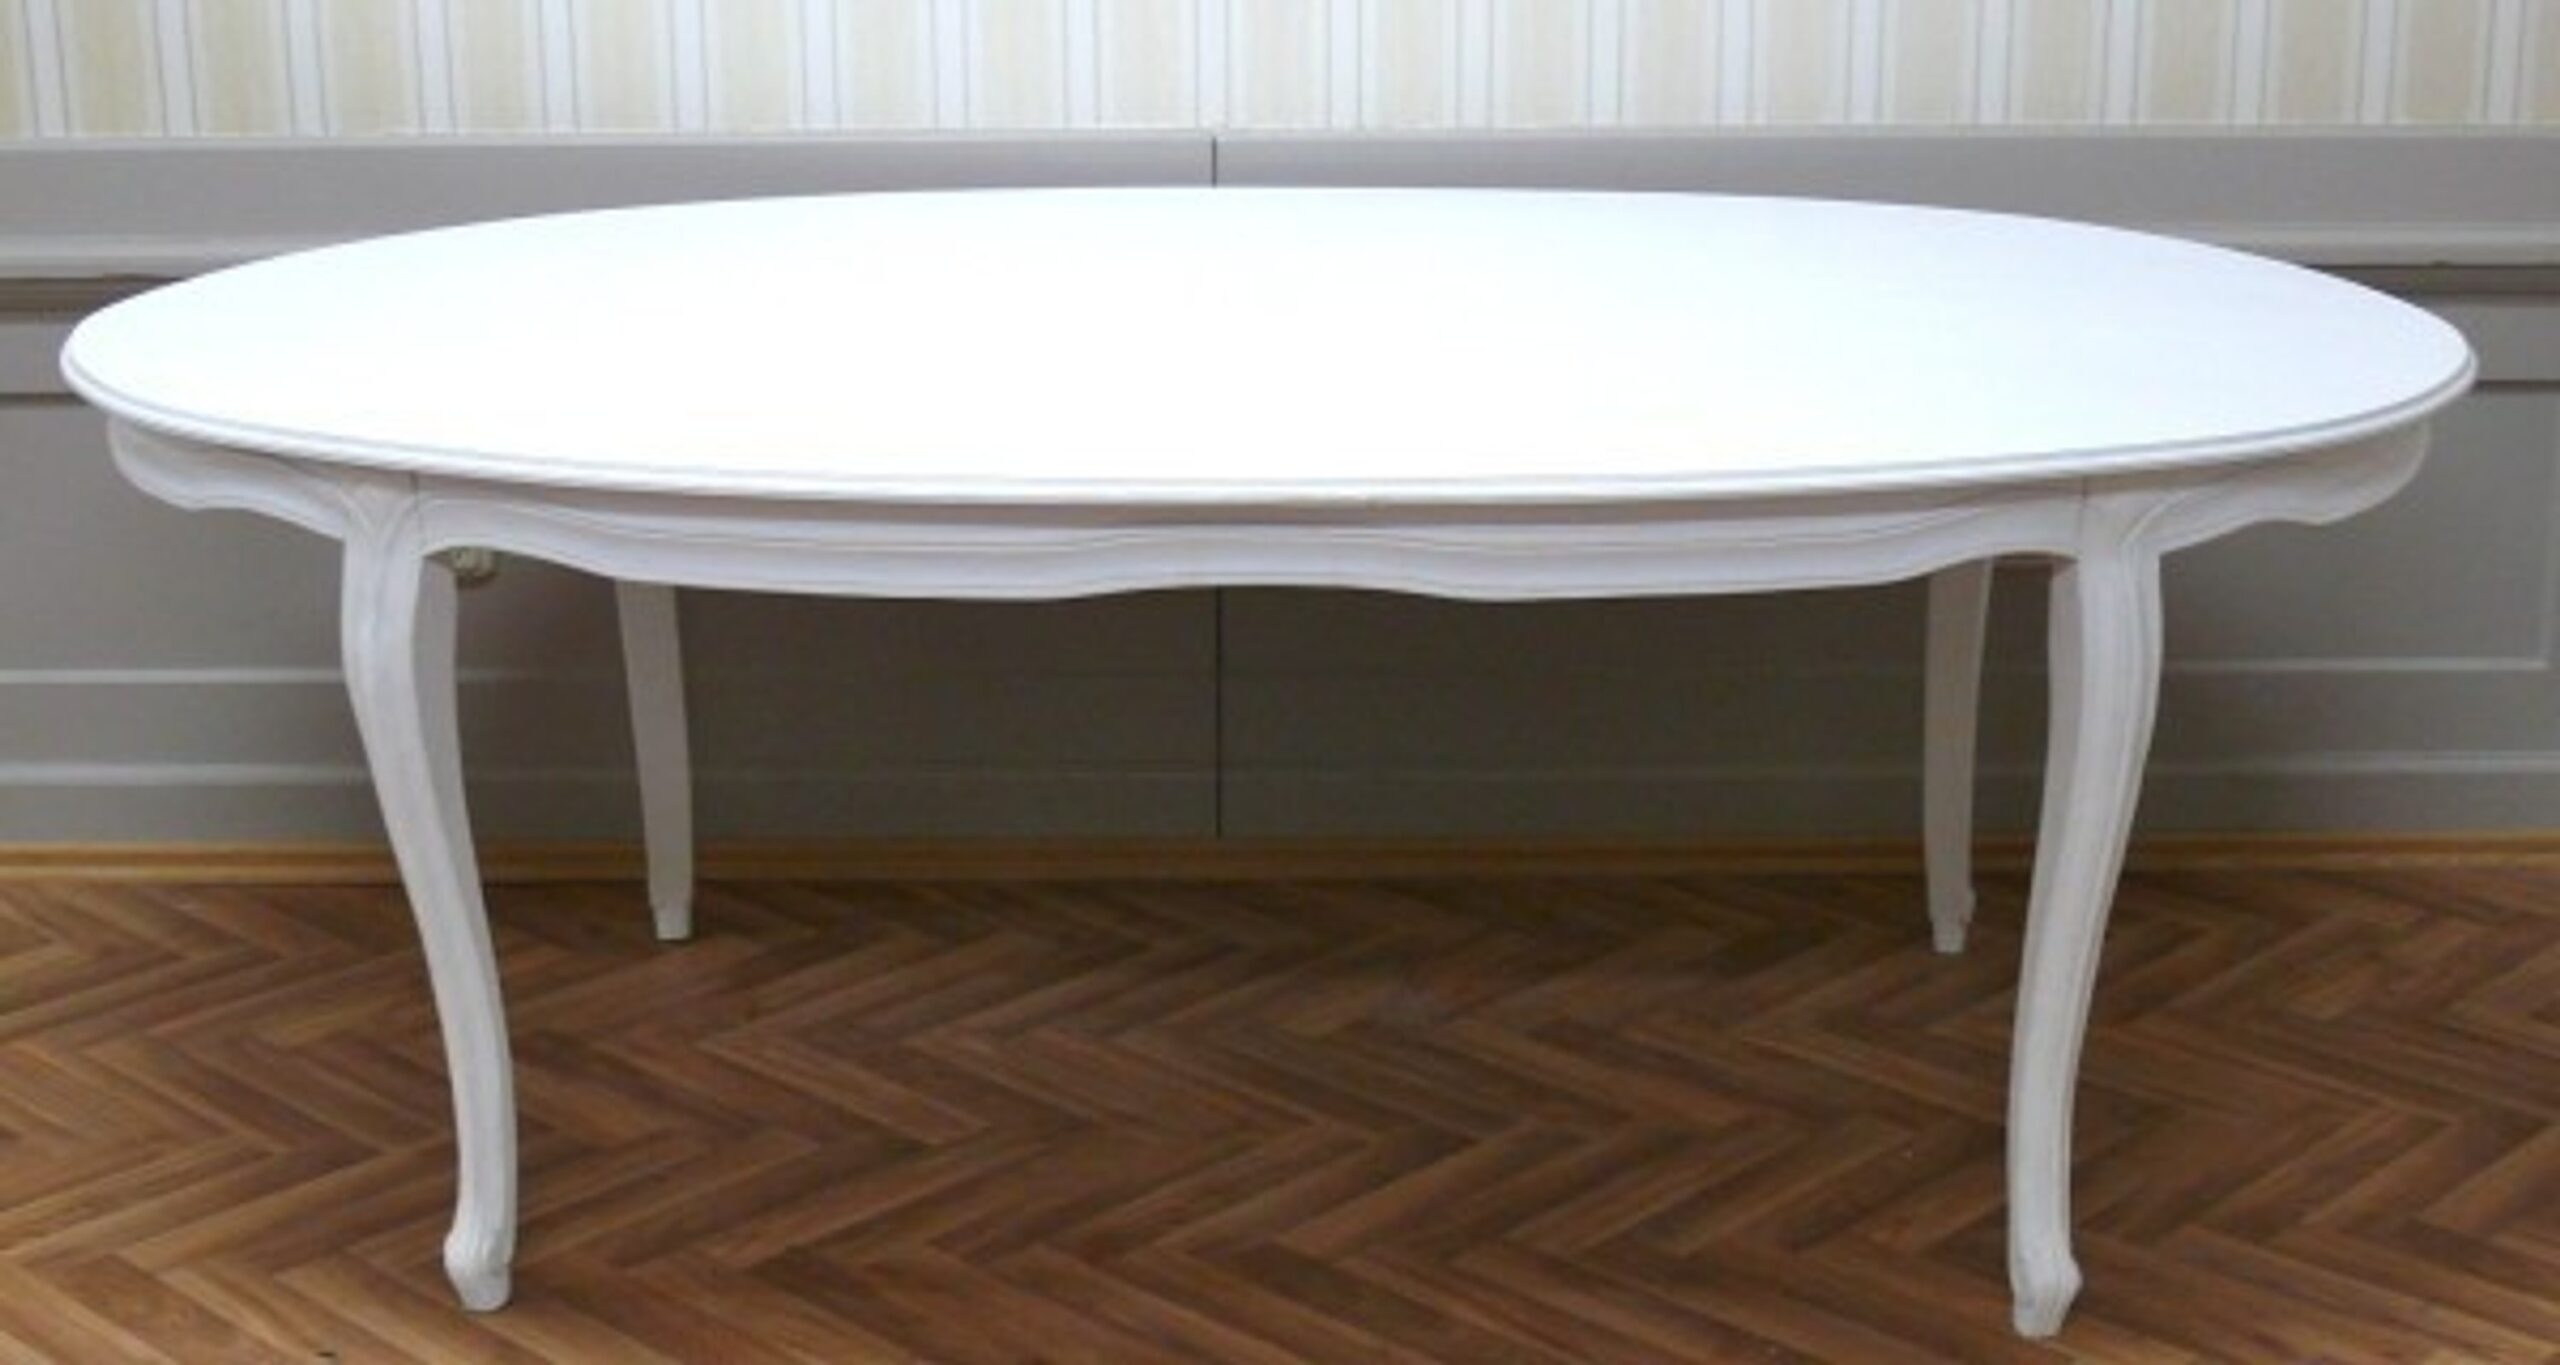 Full Size of Esstisch Antik Barock Oval 210x120 Tisch Schlag Gold Kolonialstil Weißer Weiß Moderne Esstische Sofa Für Massivholz Akazie Glas Holz Eiche Massiv Ausziehbar Esstische Esstisch Antik